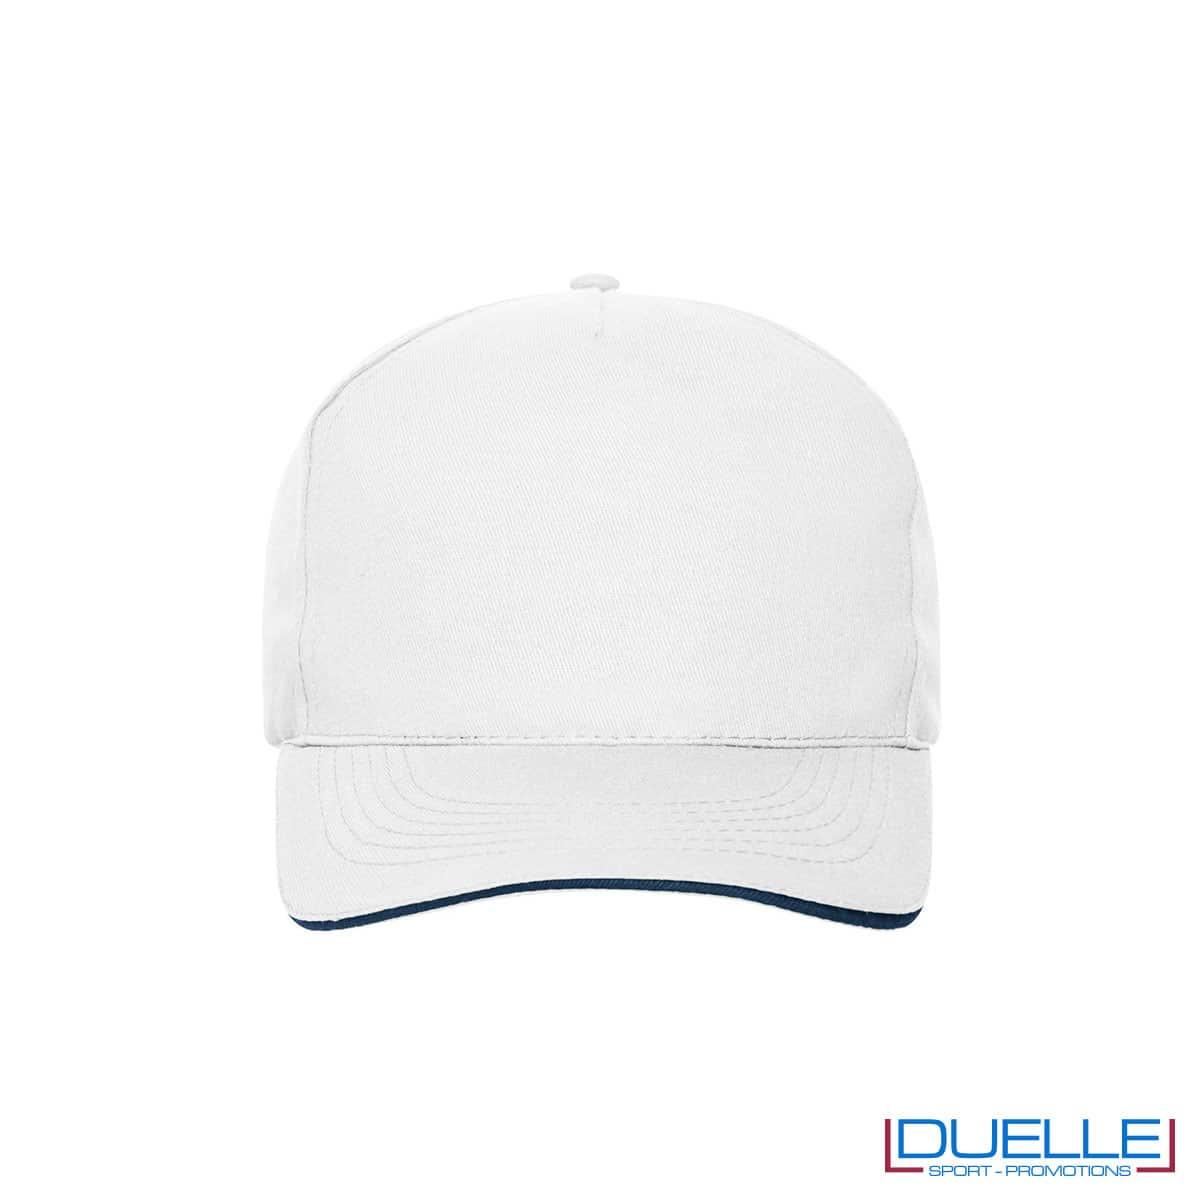 Cappello 100% cotone organico 5 pannelli colore bianco personalizzato